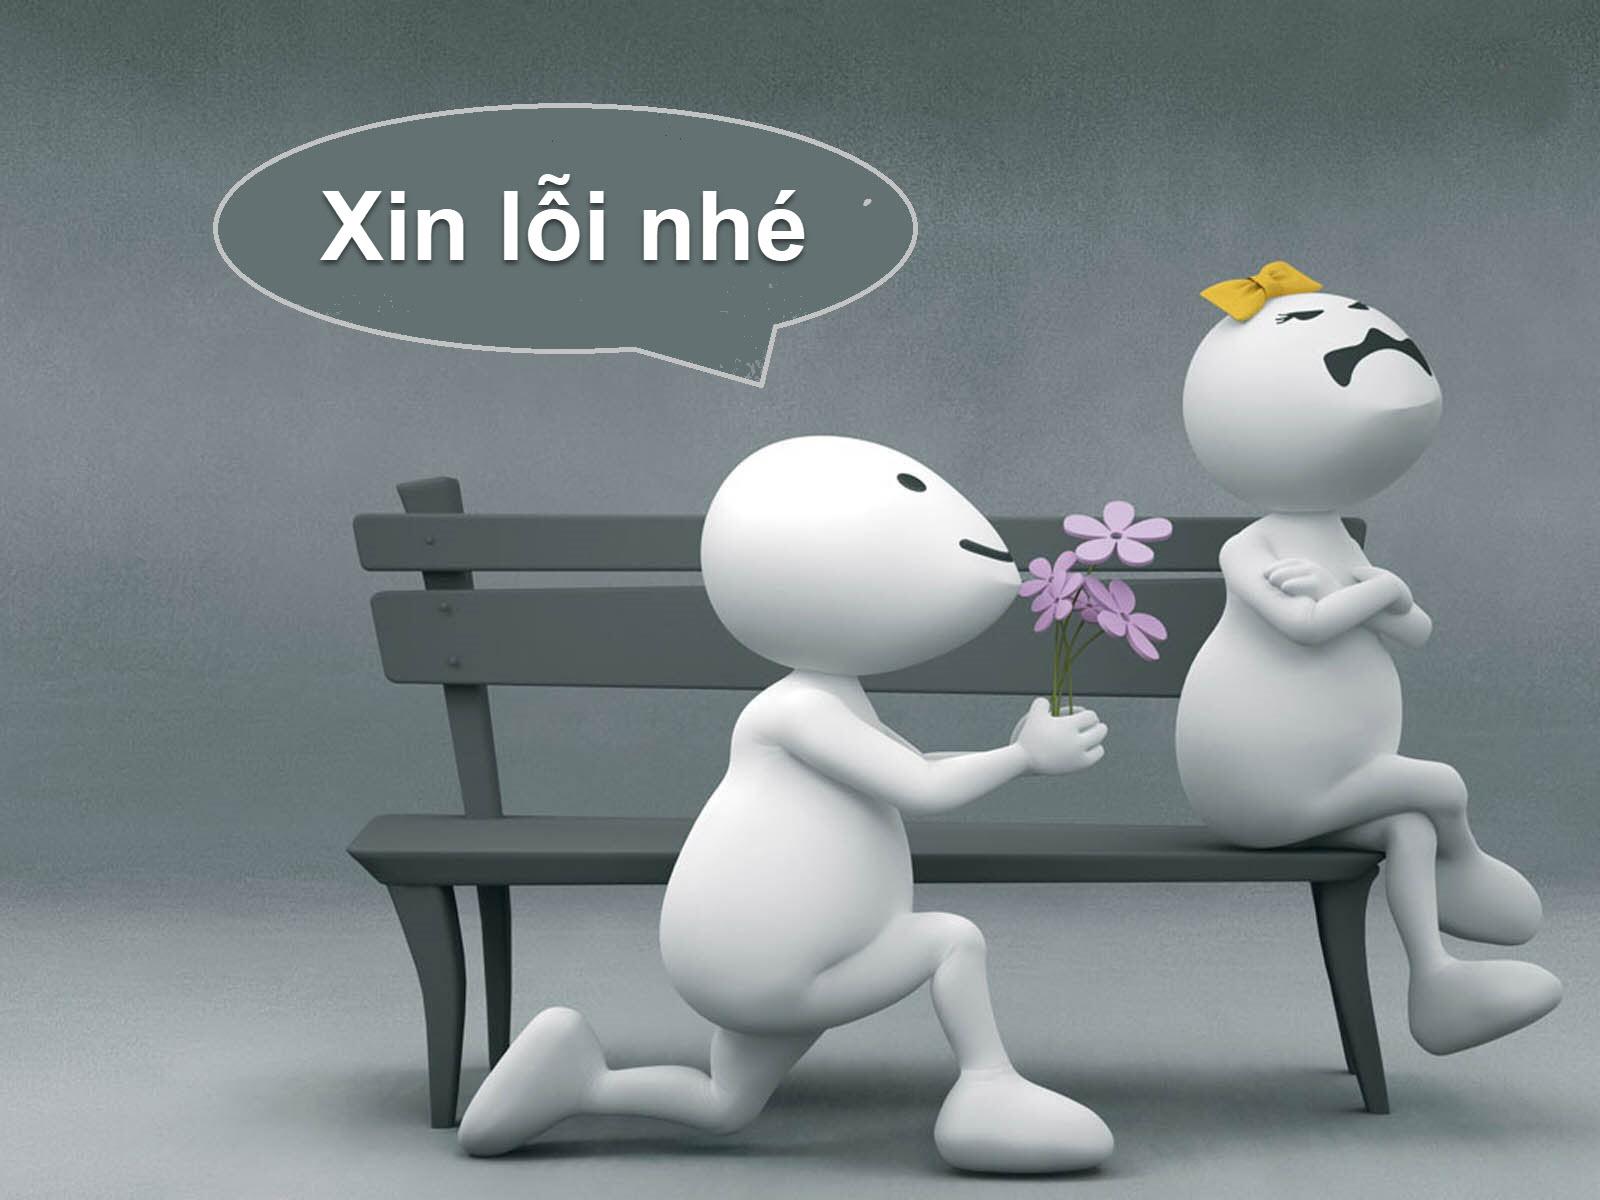 tai-hinh-anh-de-thuong-cute-lam-avatar-social-network (131)